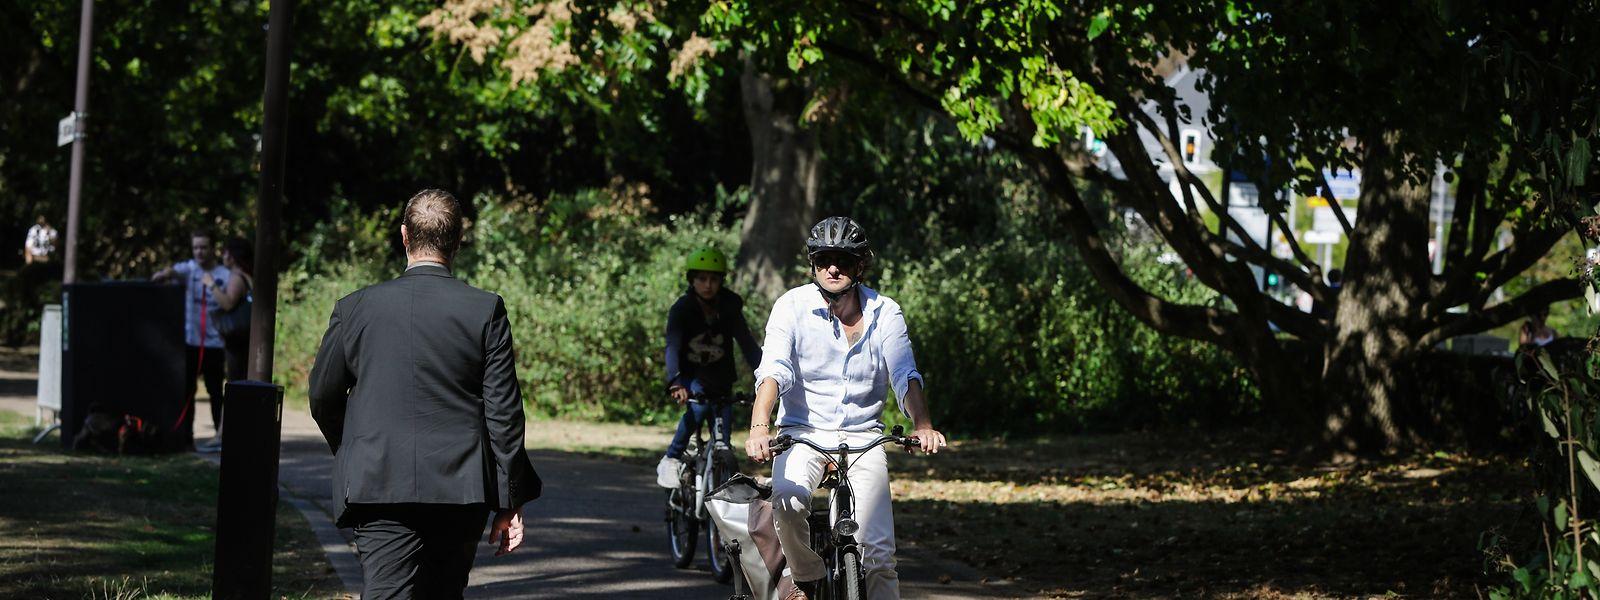 Wegen immer häufiger werdenden Konfliktsituationen zwischen Fußgängern und Radfahrern sollen Rad- und Gehwege vielerorts getrennt werden.